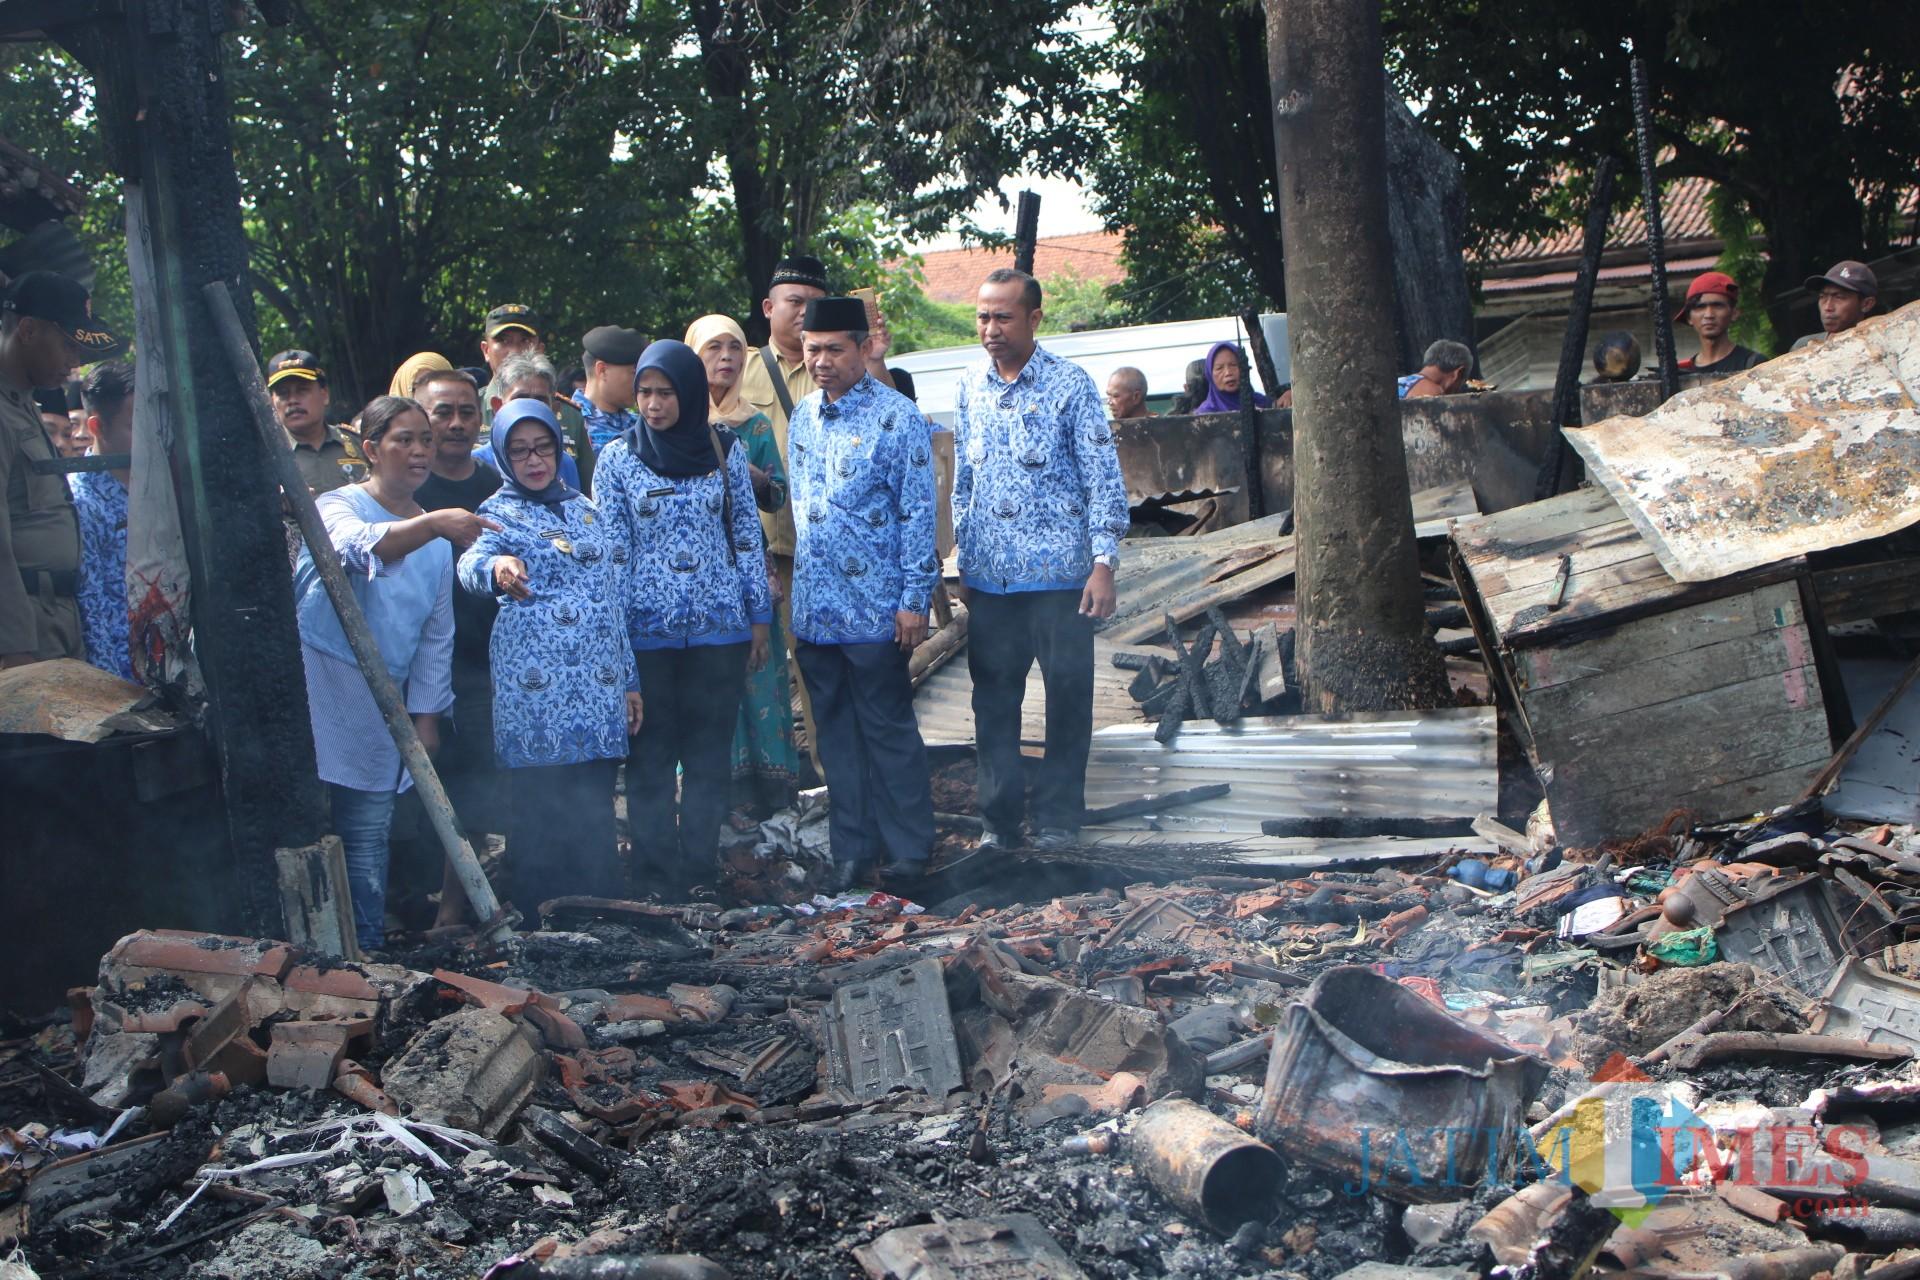 Dua dari kiri, Bupati Jombang Hj Mundjidah Wahab saat berdialog dengan salah satu pedagang saat melihat kondisi Pasar Legi pasca kebakaran, Minggu (17/3) malam. (Foto : Adi Rosul / JombangTIMES)